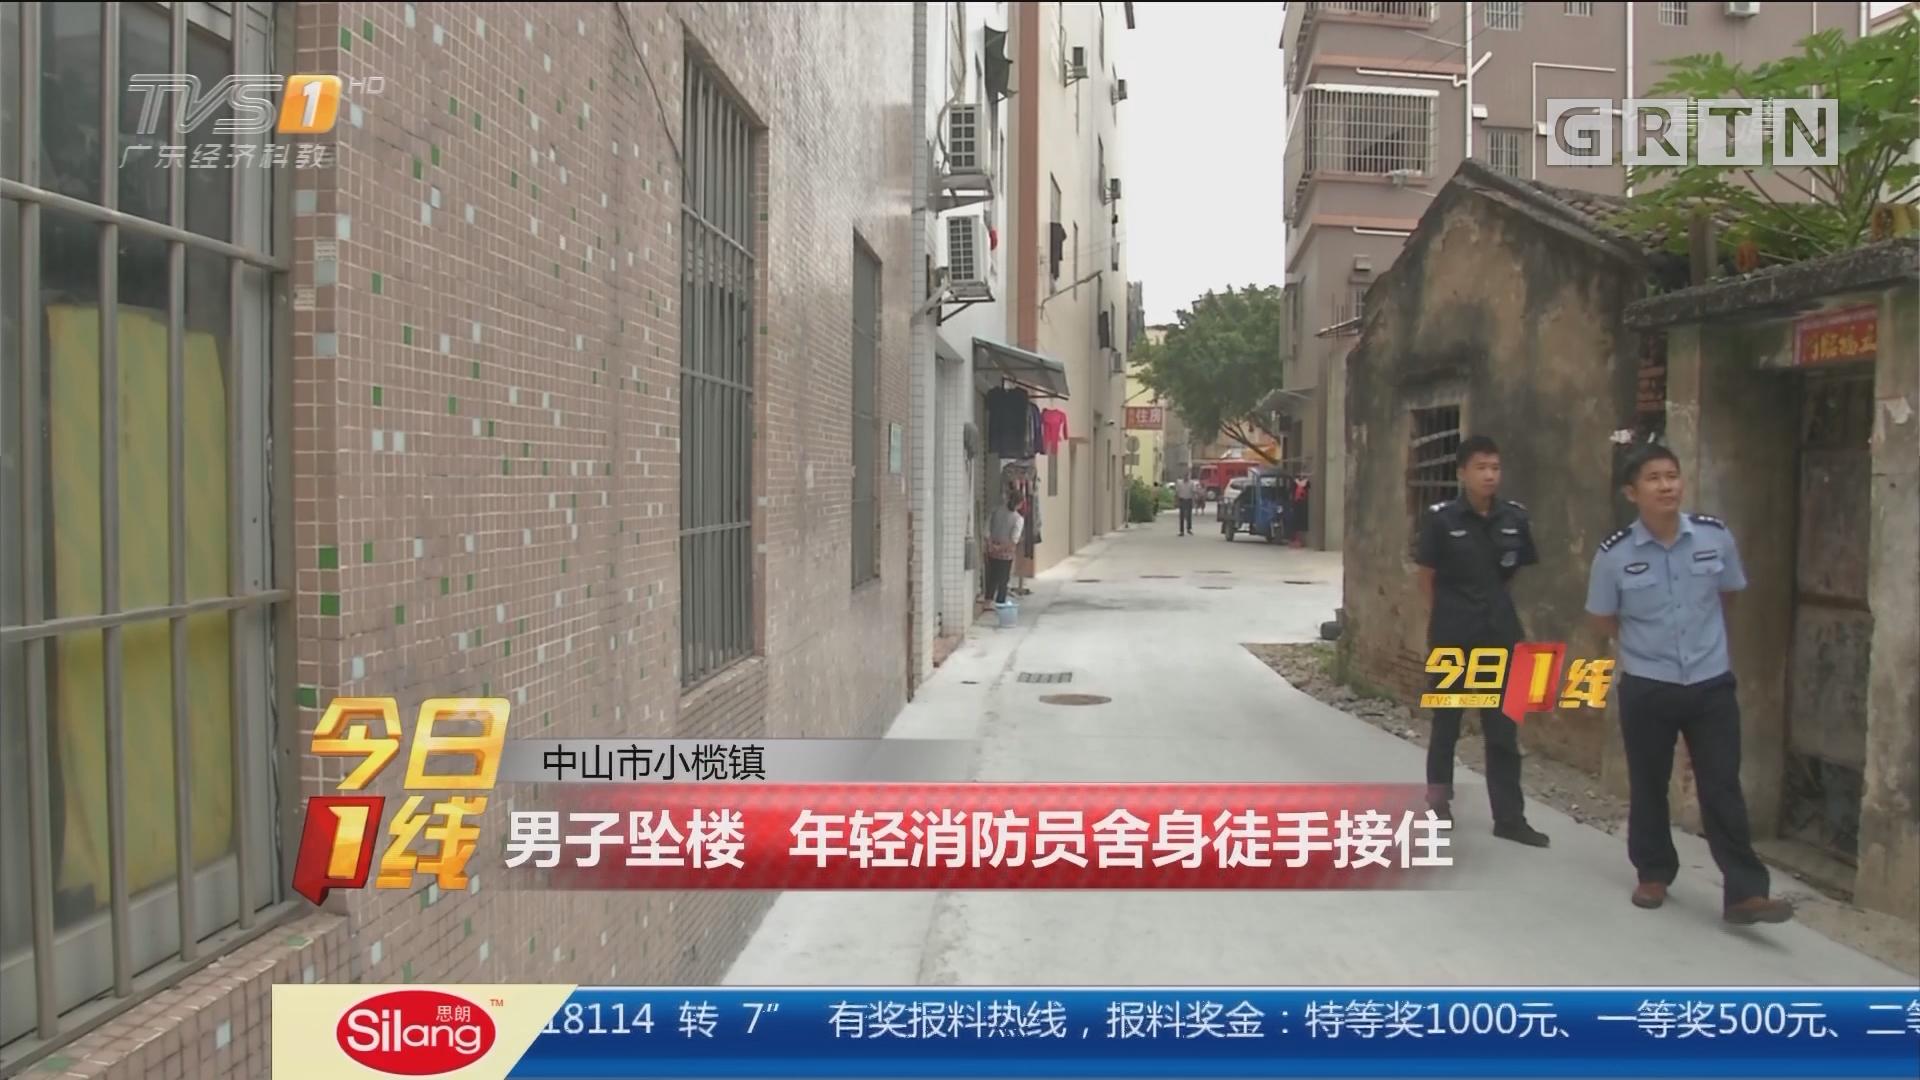 中山市小榄镇:男子坠楼 年轻消防员舍身徒手接住